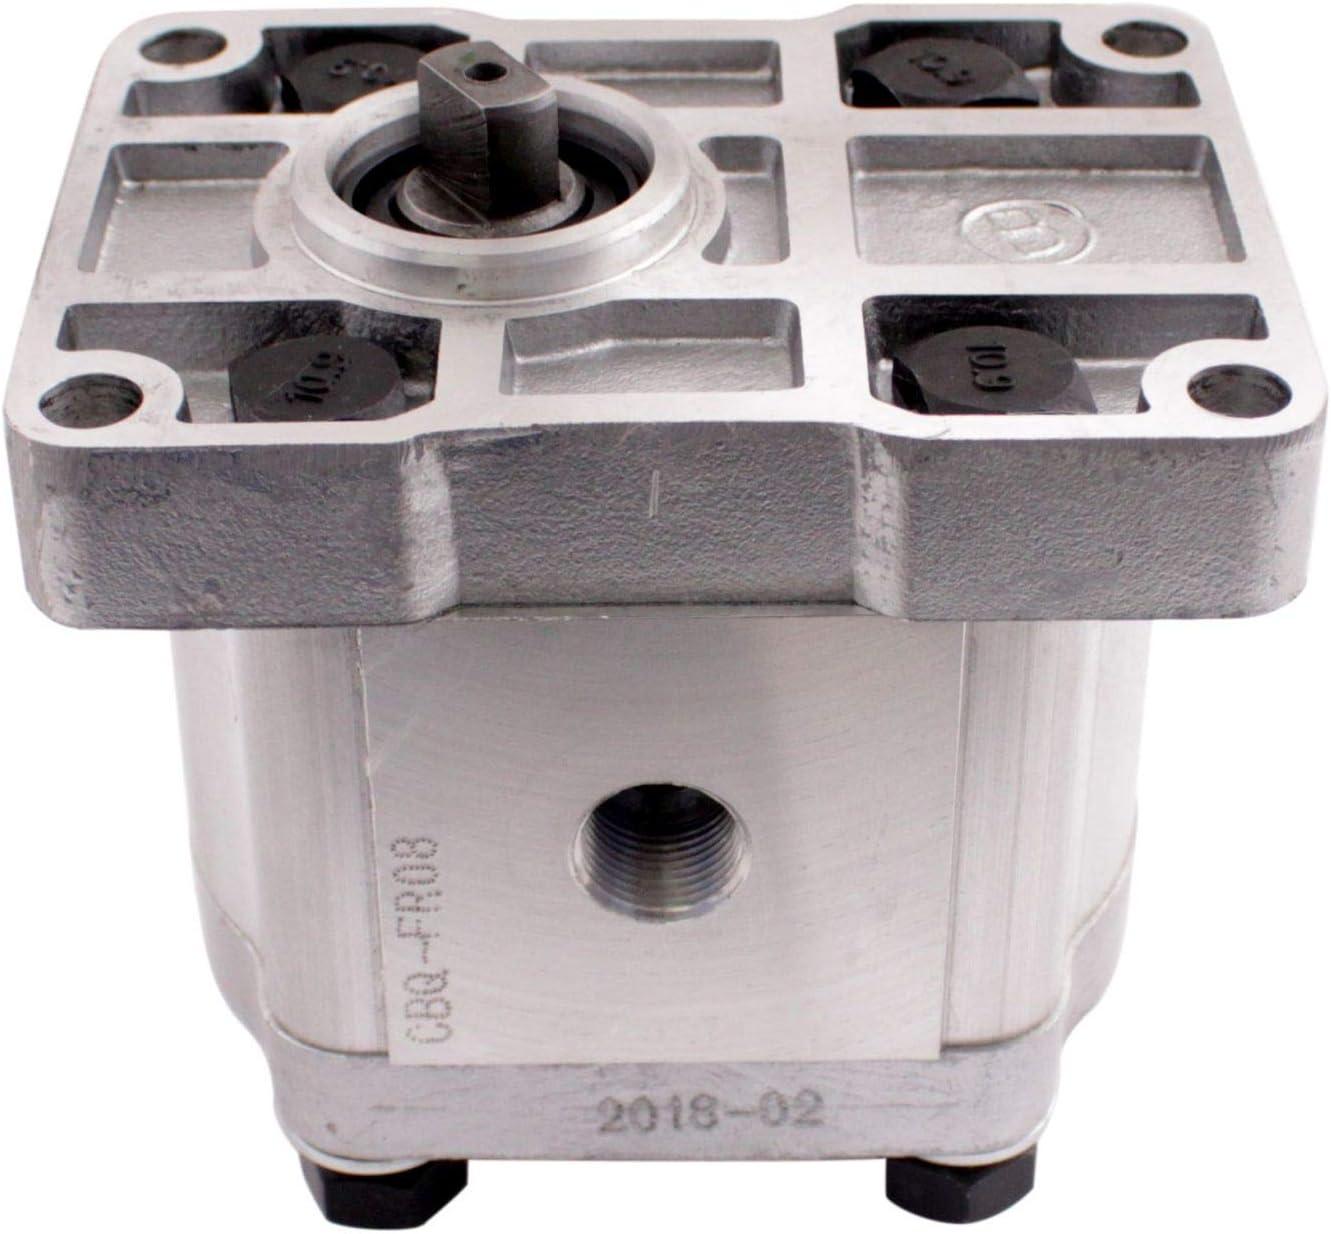 Schalter mit Stecker 400 Volt passend Scheppach HL800 Holzspalter